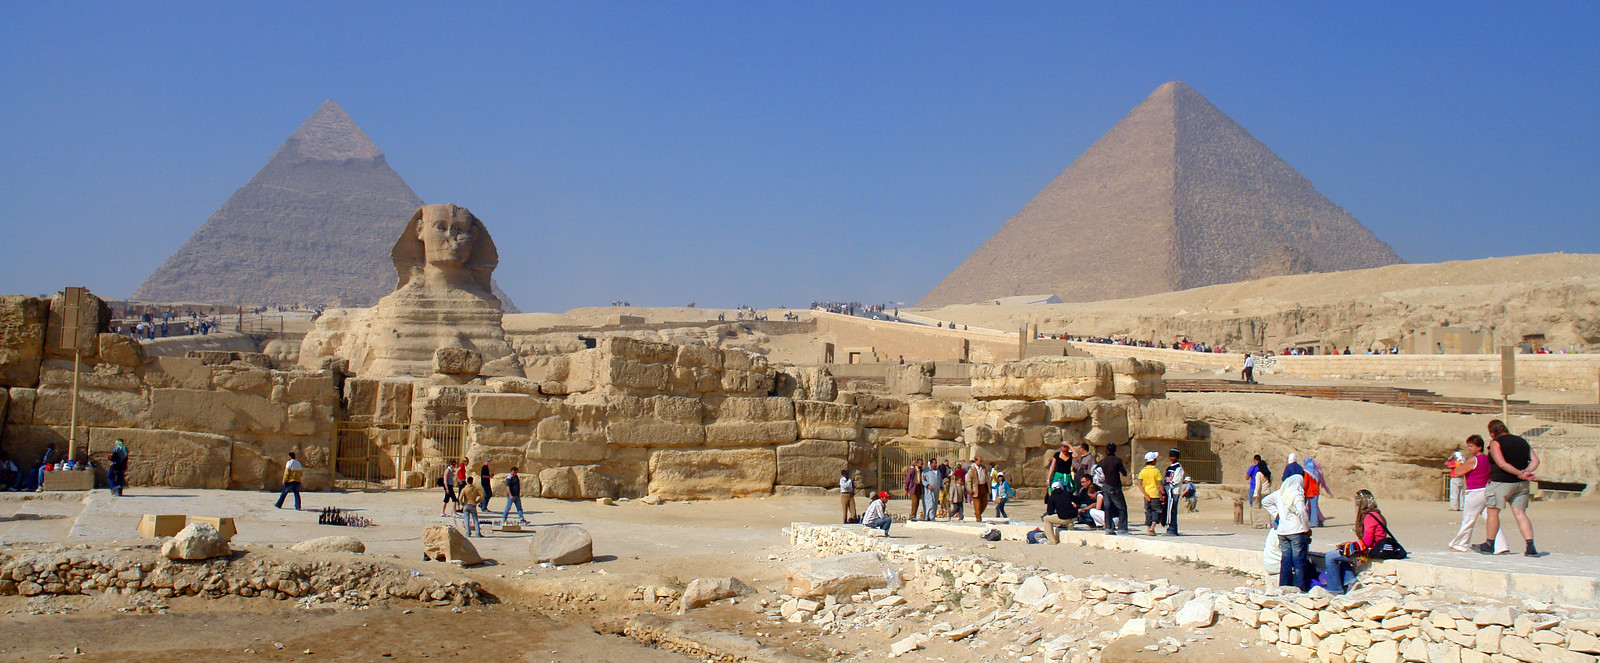 Qué ver en El Cairo, Egipto lugares que visitar en el cairo - 39184089760 176d54a803 h - 10+1 lugares que visitar en El Cairo